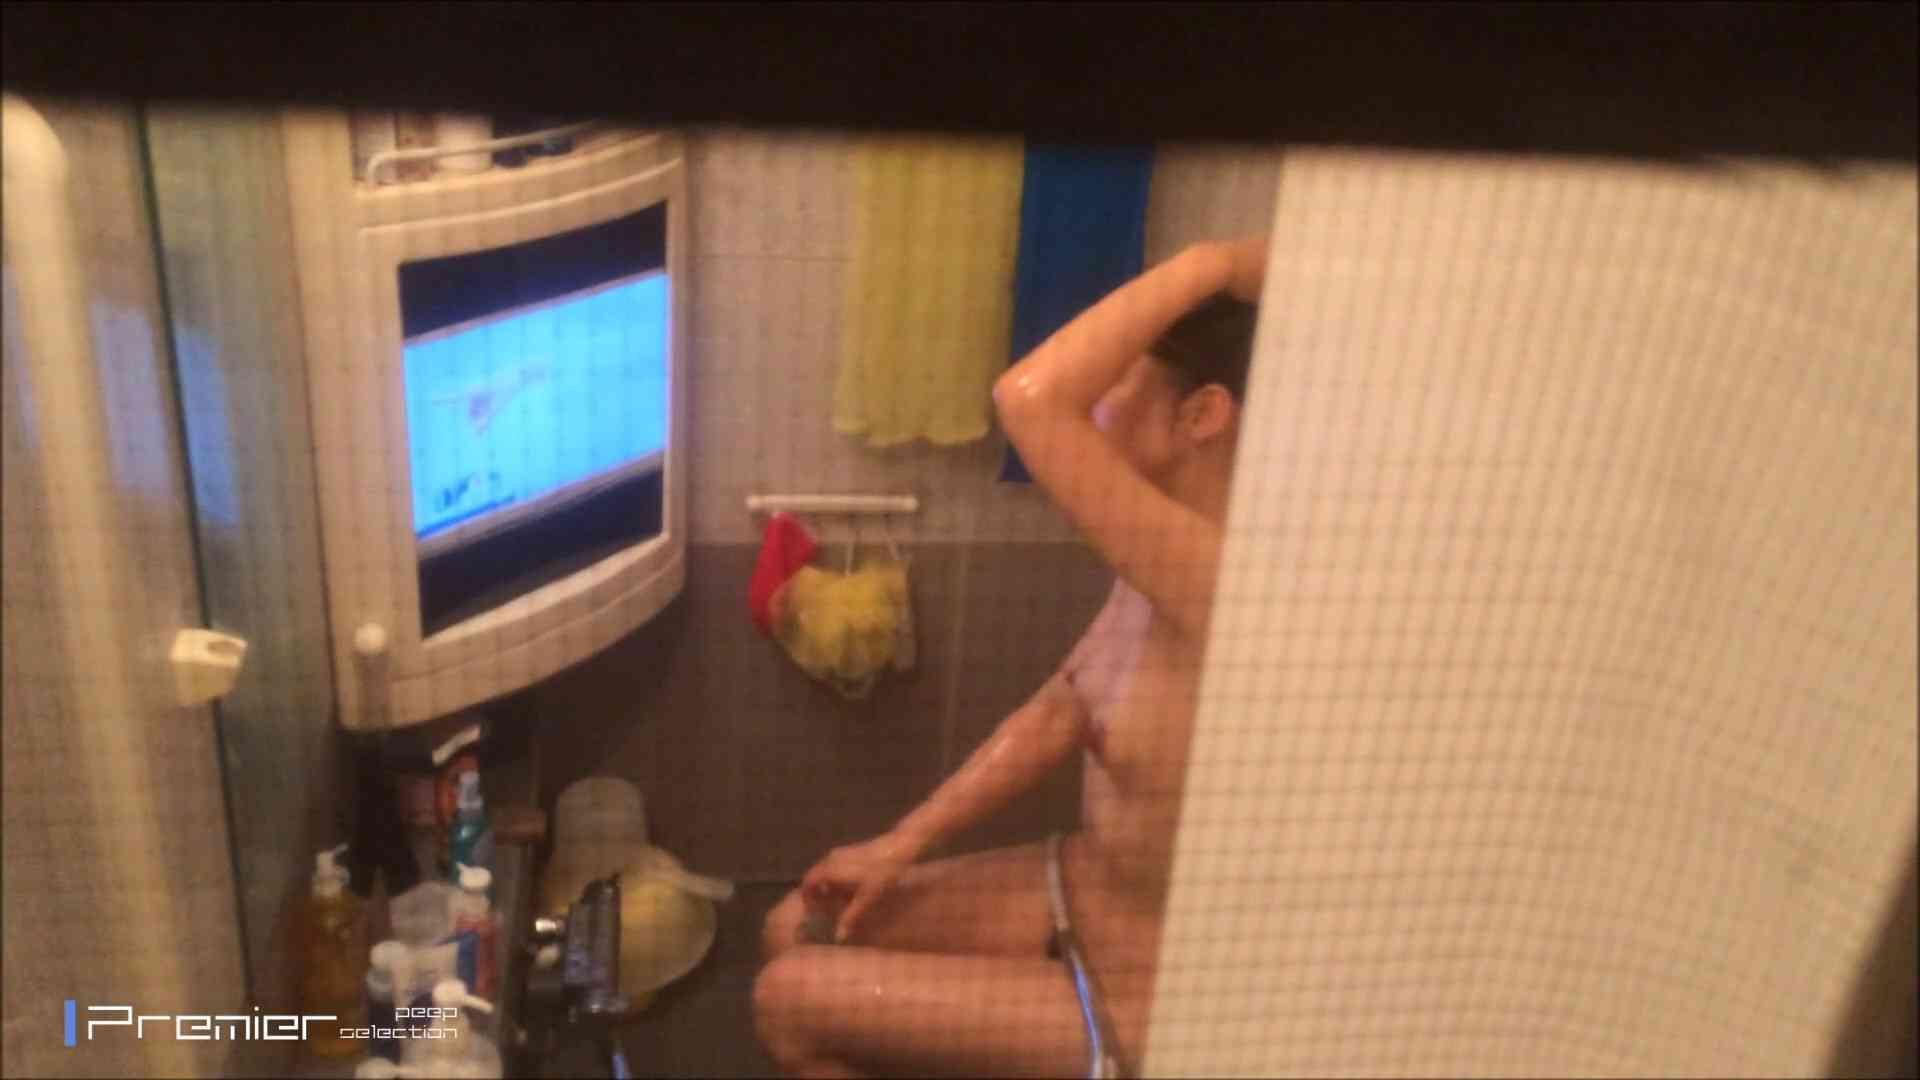 美女のテレビを見ながらの入浴 乙女の風呂場 Vol.21 乙女だって。。。 | 細身女性  111画像 76